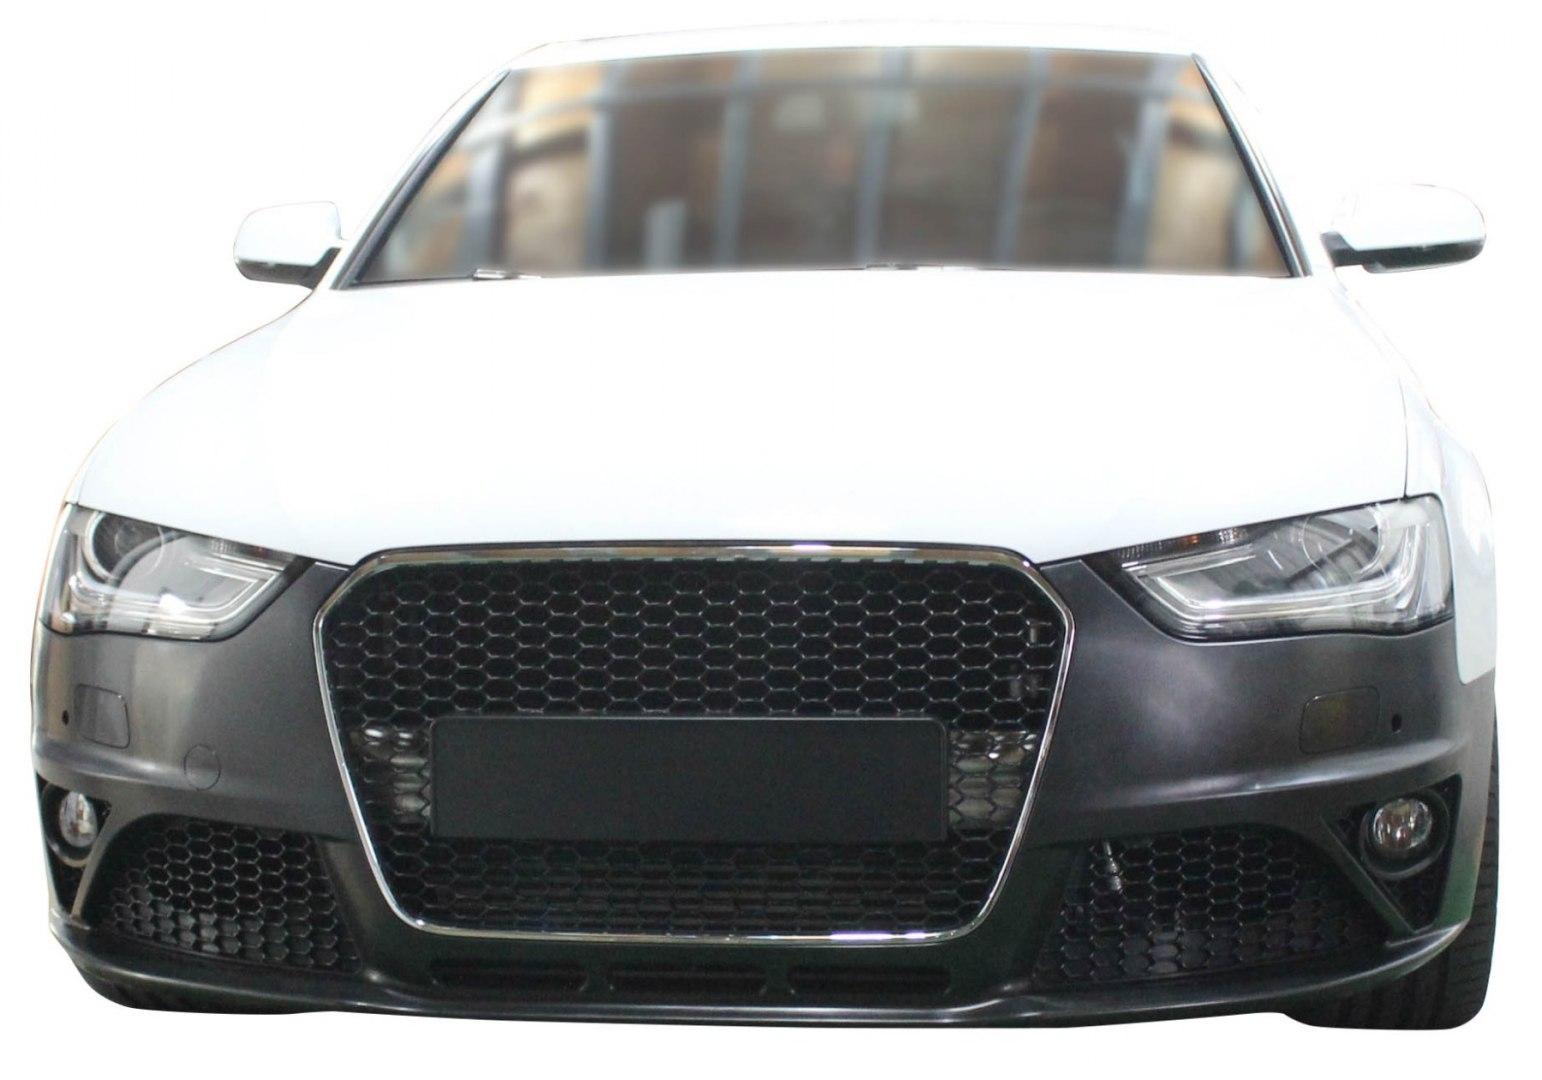 Zderzak przedni + Grill Chrom-Czarny Audi A4 B8 13-16 RS4 Style - GRUBYGARAGE - Sklep Tuningowy